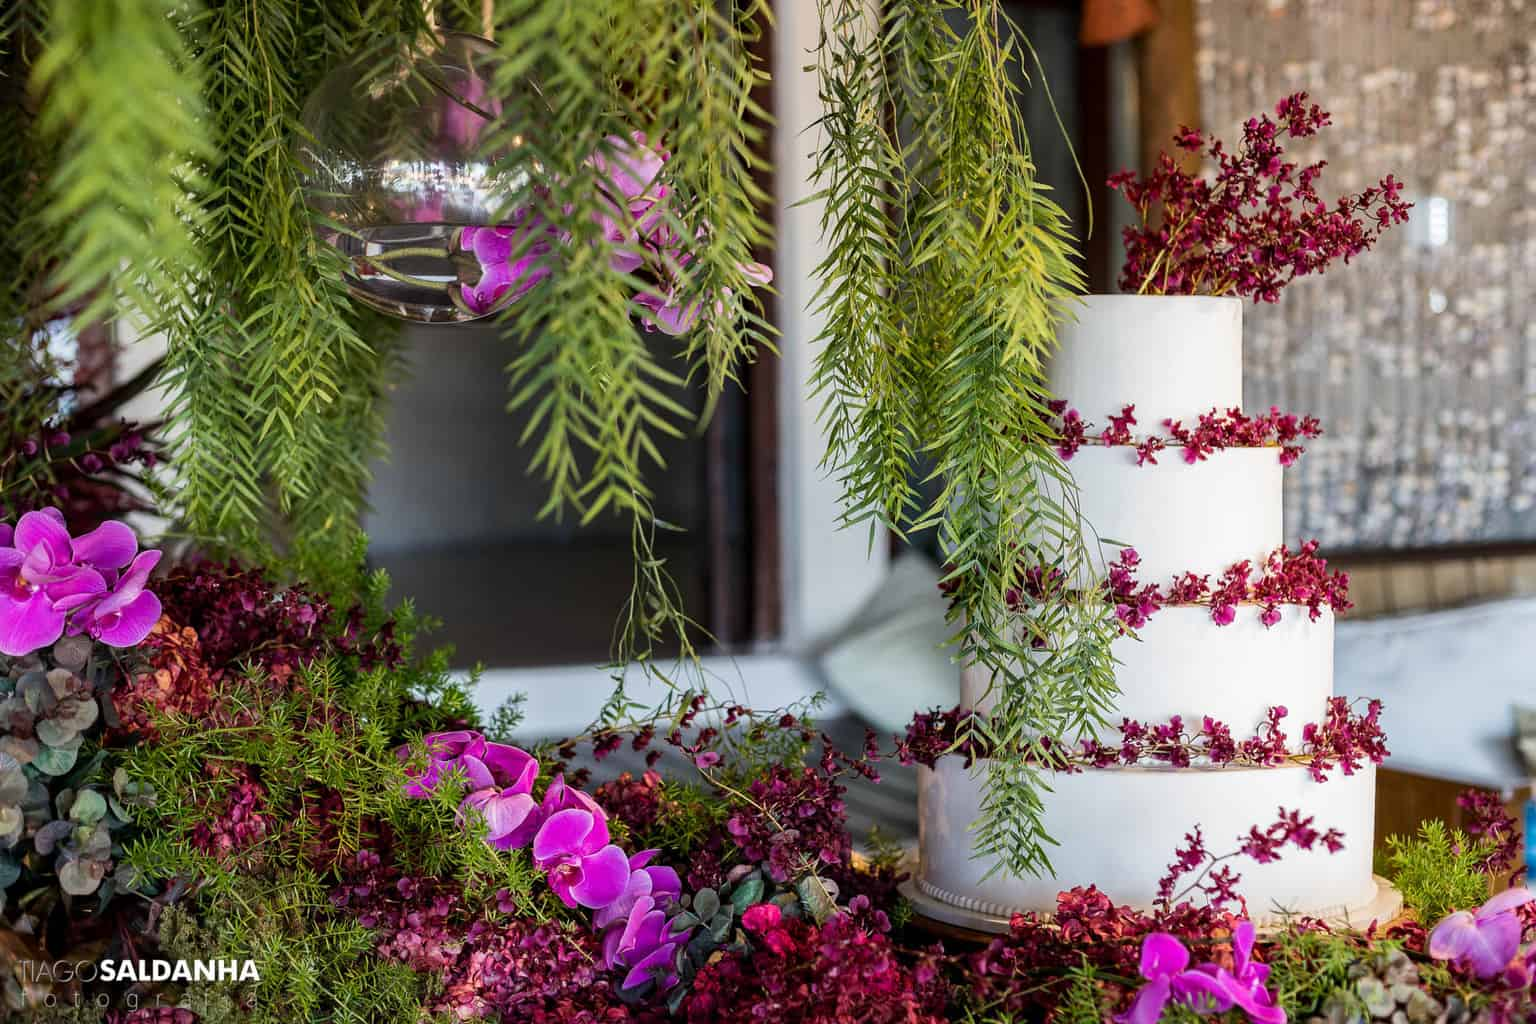 bolo-de-casamento-Casamento-Chandrélin-e-Laureano-Chan-e-Lau-decoracao-Defluer-Guta-Gula-Hotel-Rio-da-Barra-tiago-saldanha-Trancoso13